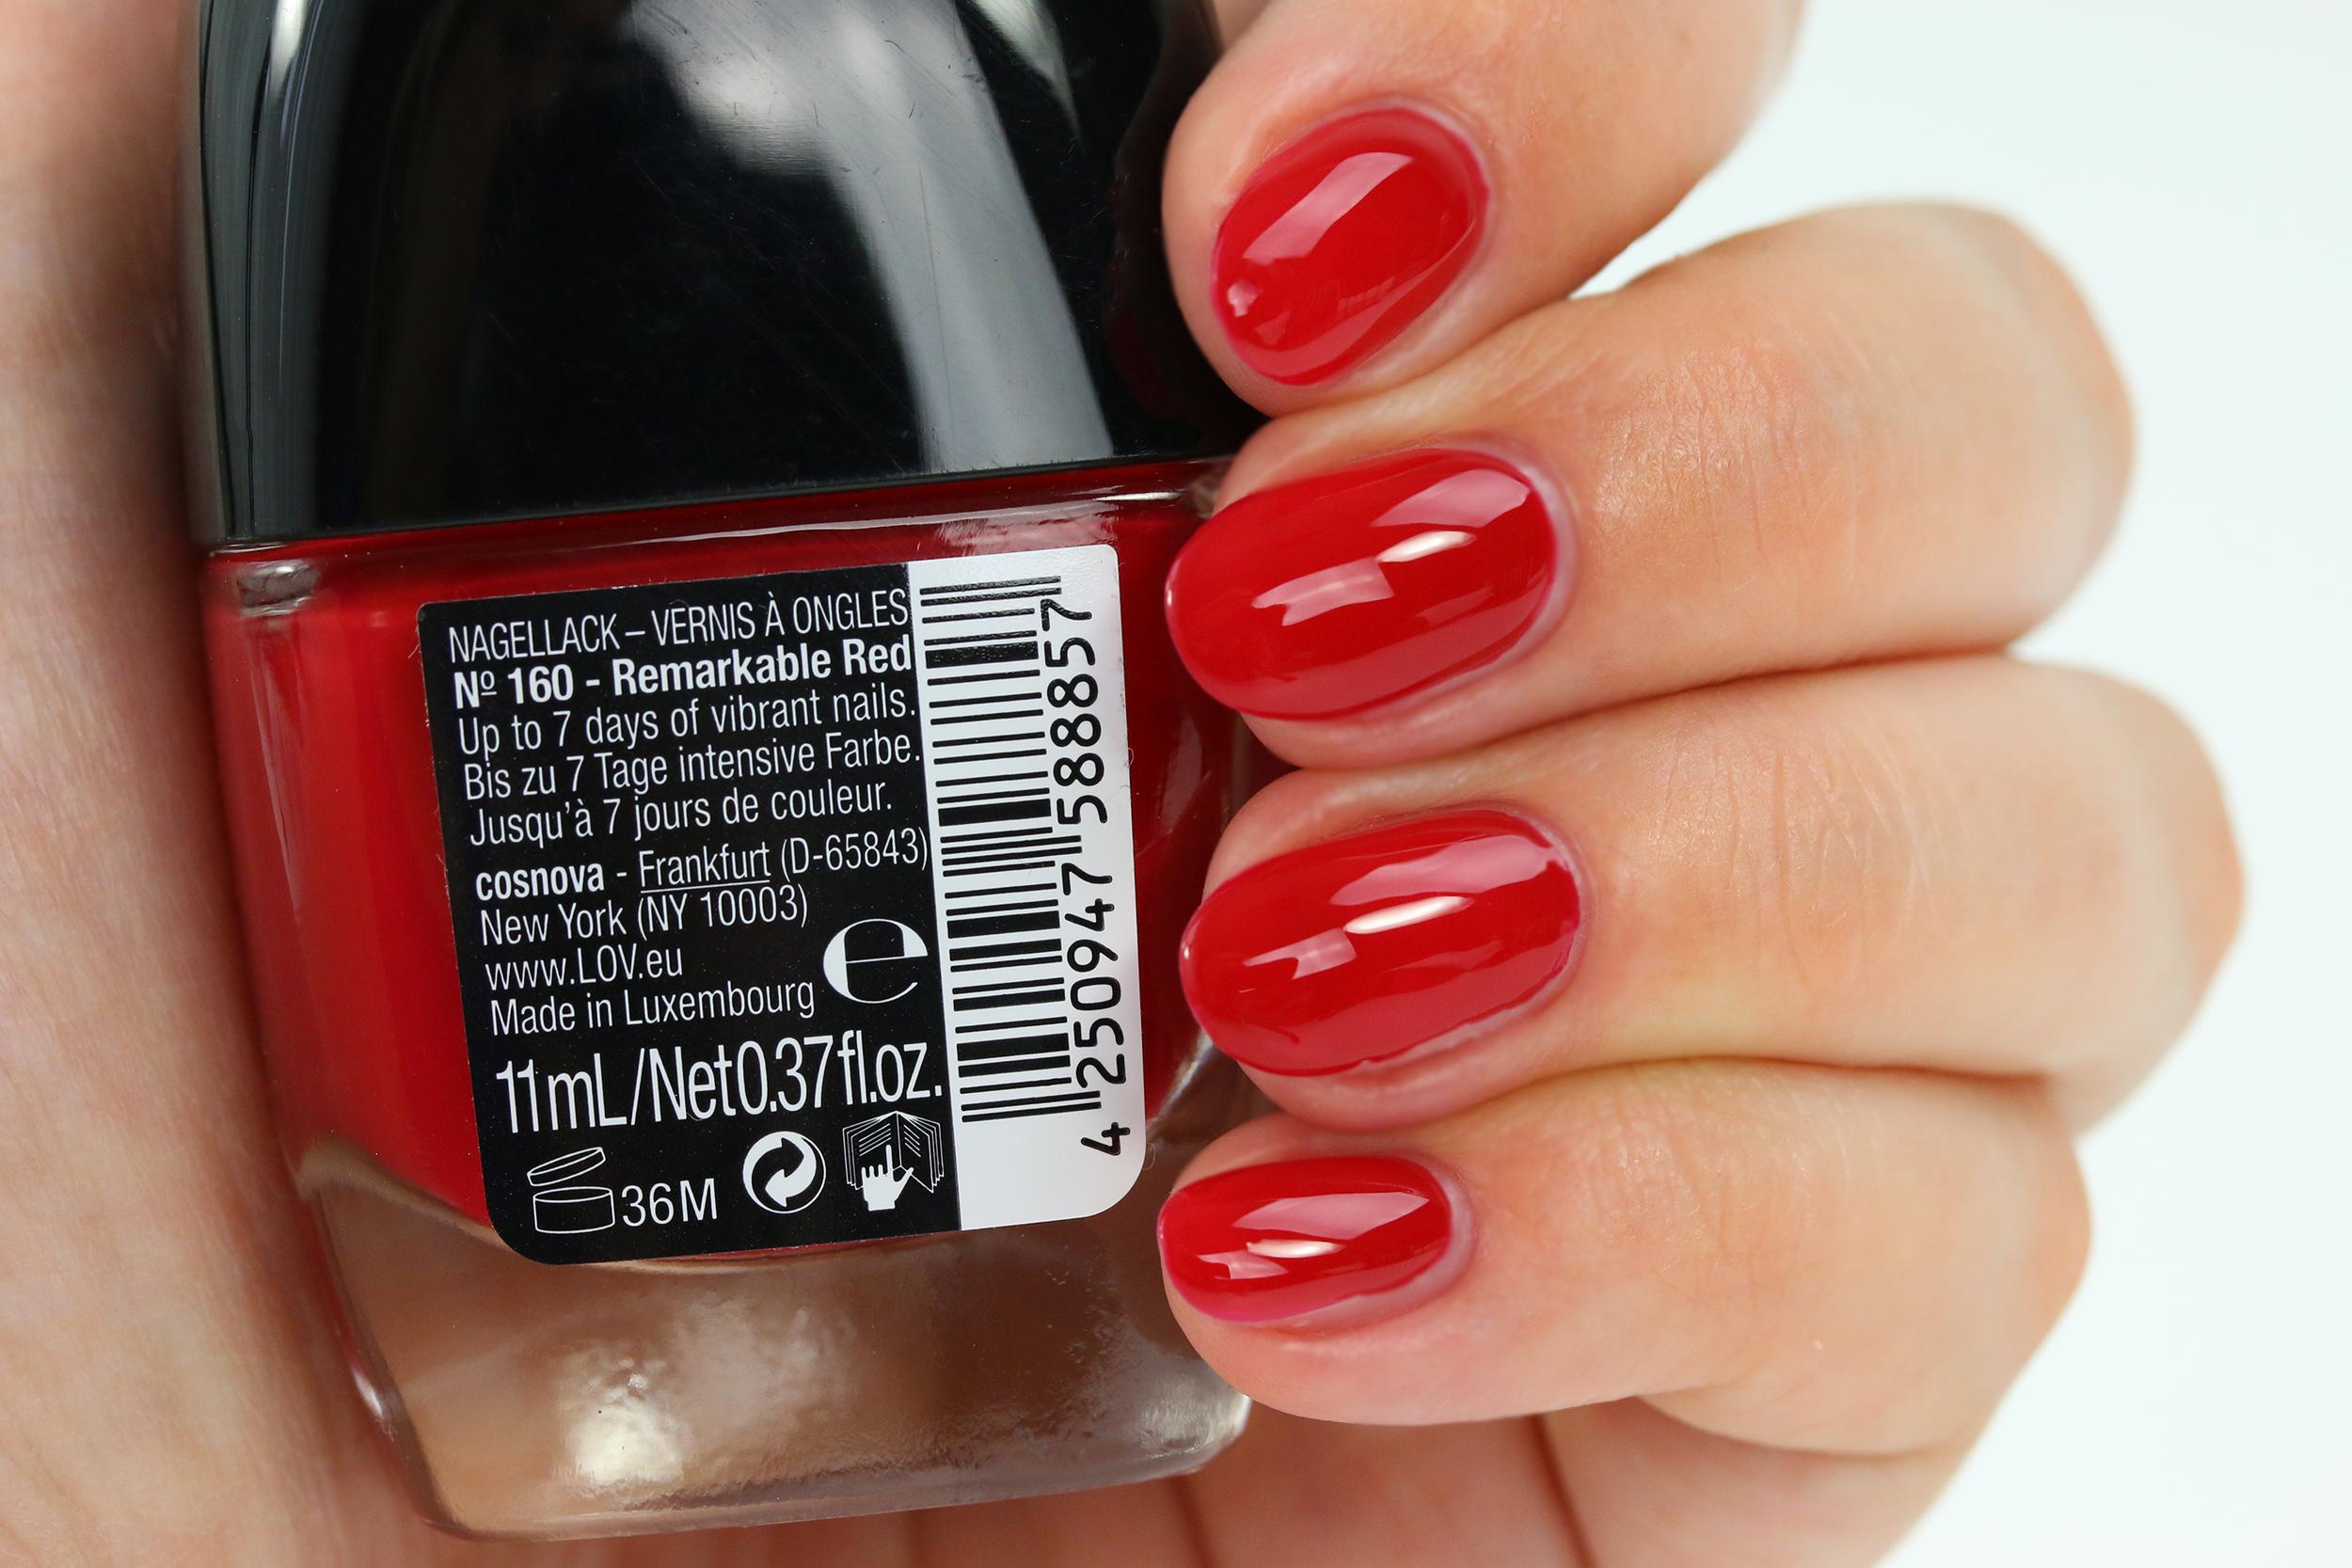 lov-nagellack-160-remarkable-red